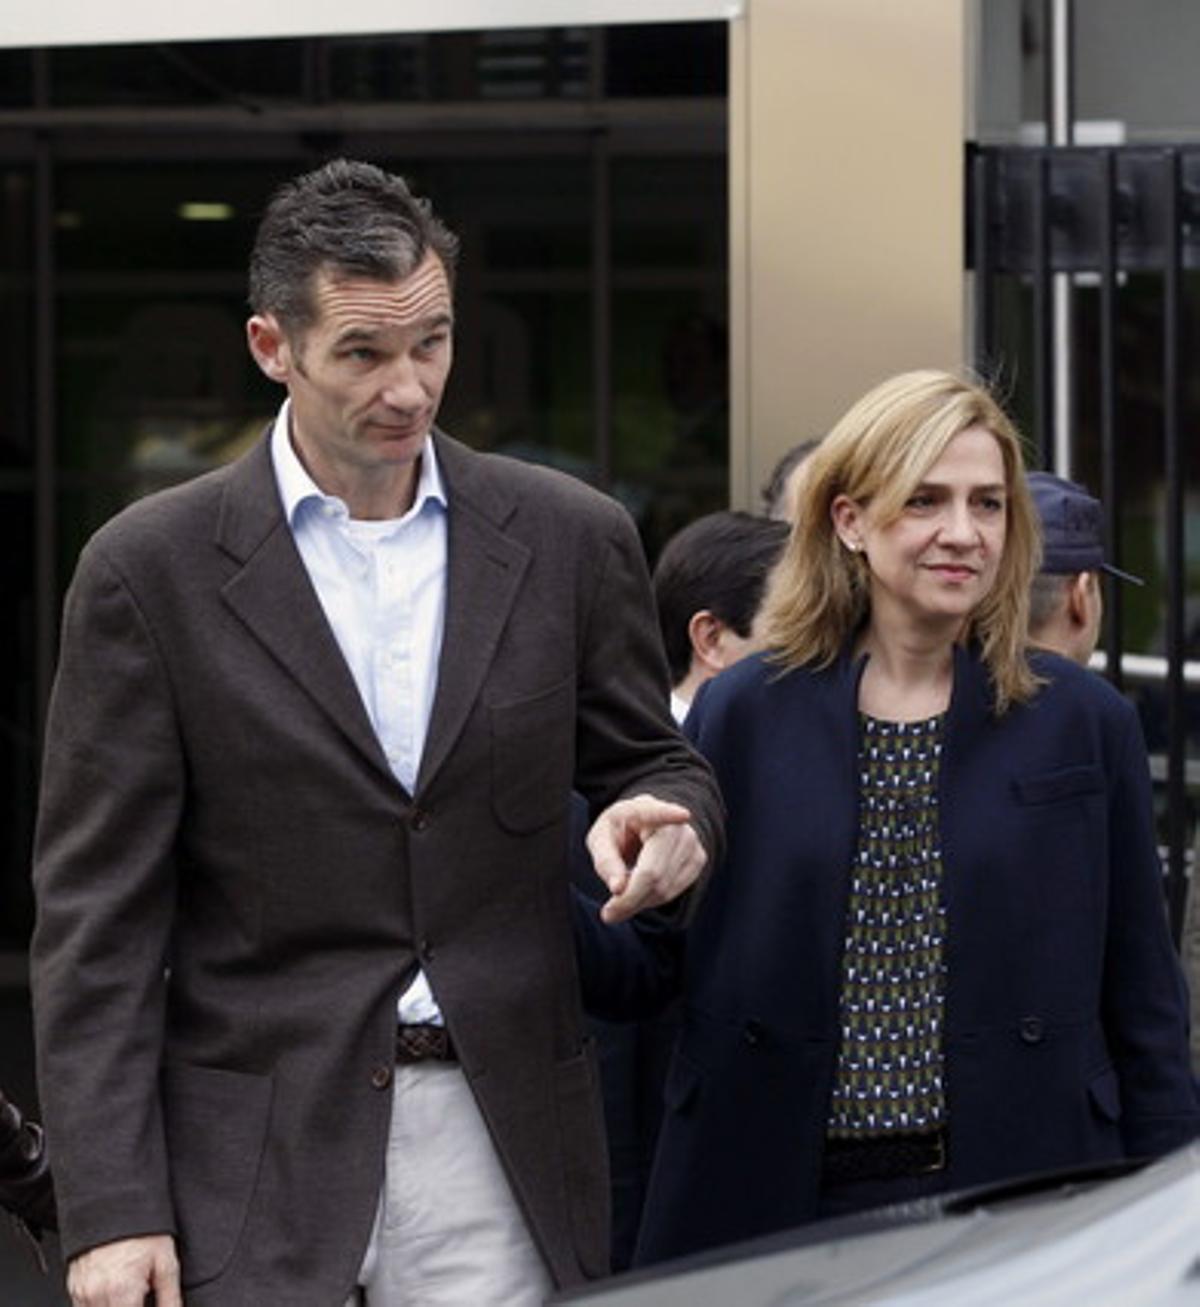 La infanta Cristina e Iñaki Urdangarin, a la salida de la Clínica Quirón San José, el pasado noviembre, tras visitar al Rey.